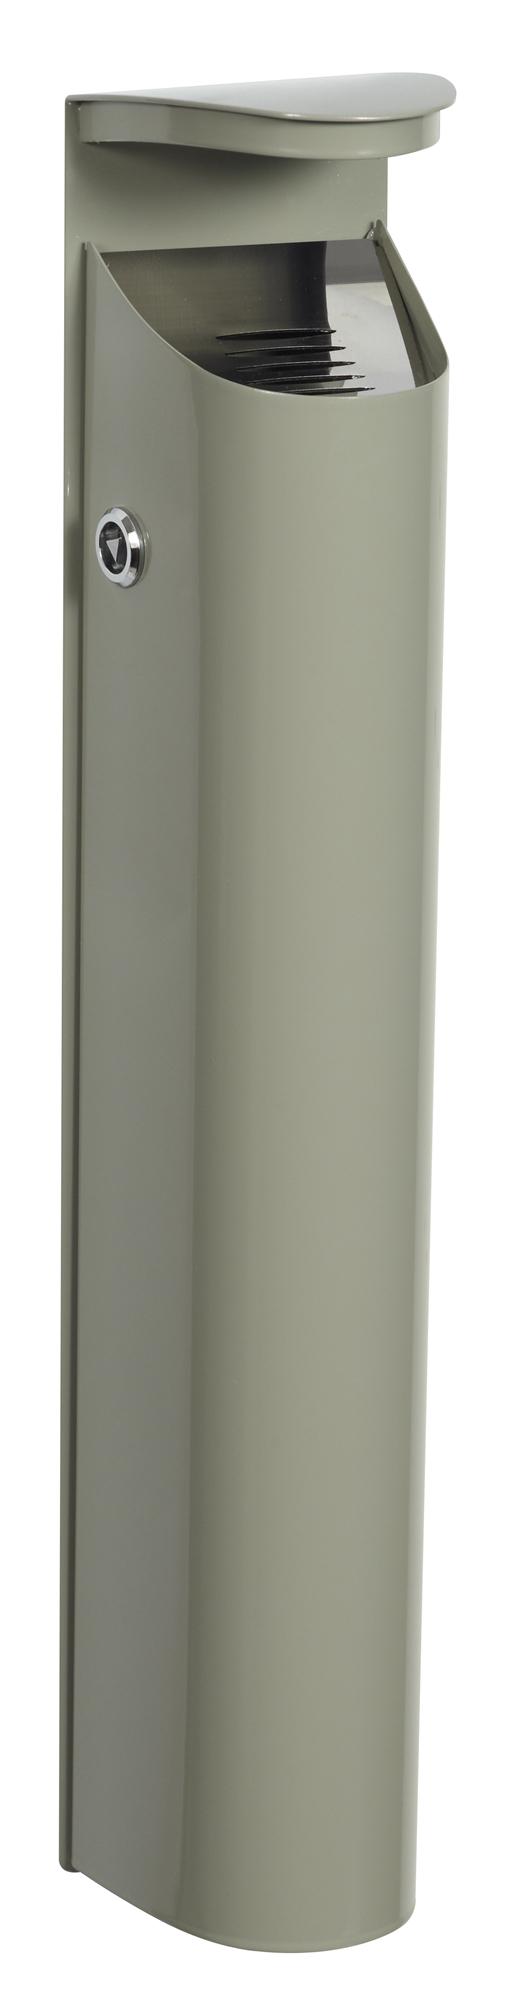 Cendrier exterieur mural rossignol 2 5l gris ciment for Cendrier mural rossignol